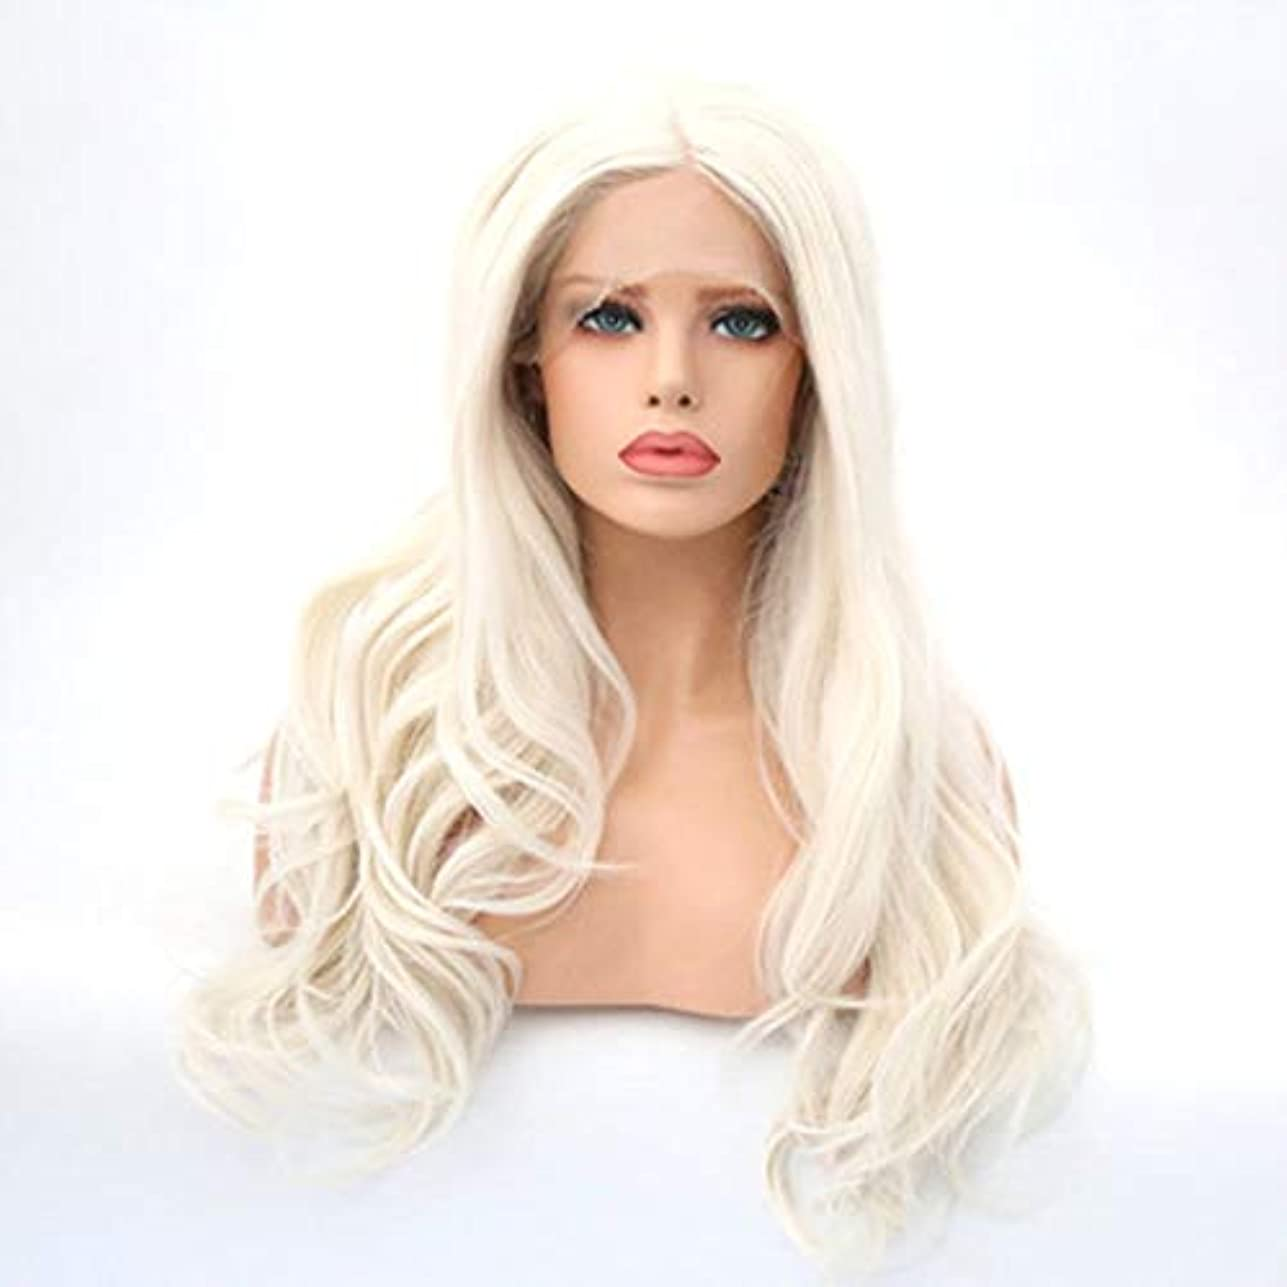 深遠雲飼料ヘアピース 手仕事ウィッグ女性用フードフロントレース高温シルク化学繊維かつらロング巻き毛